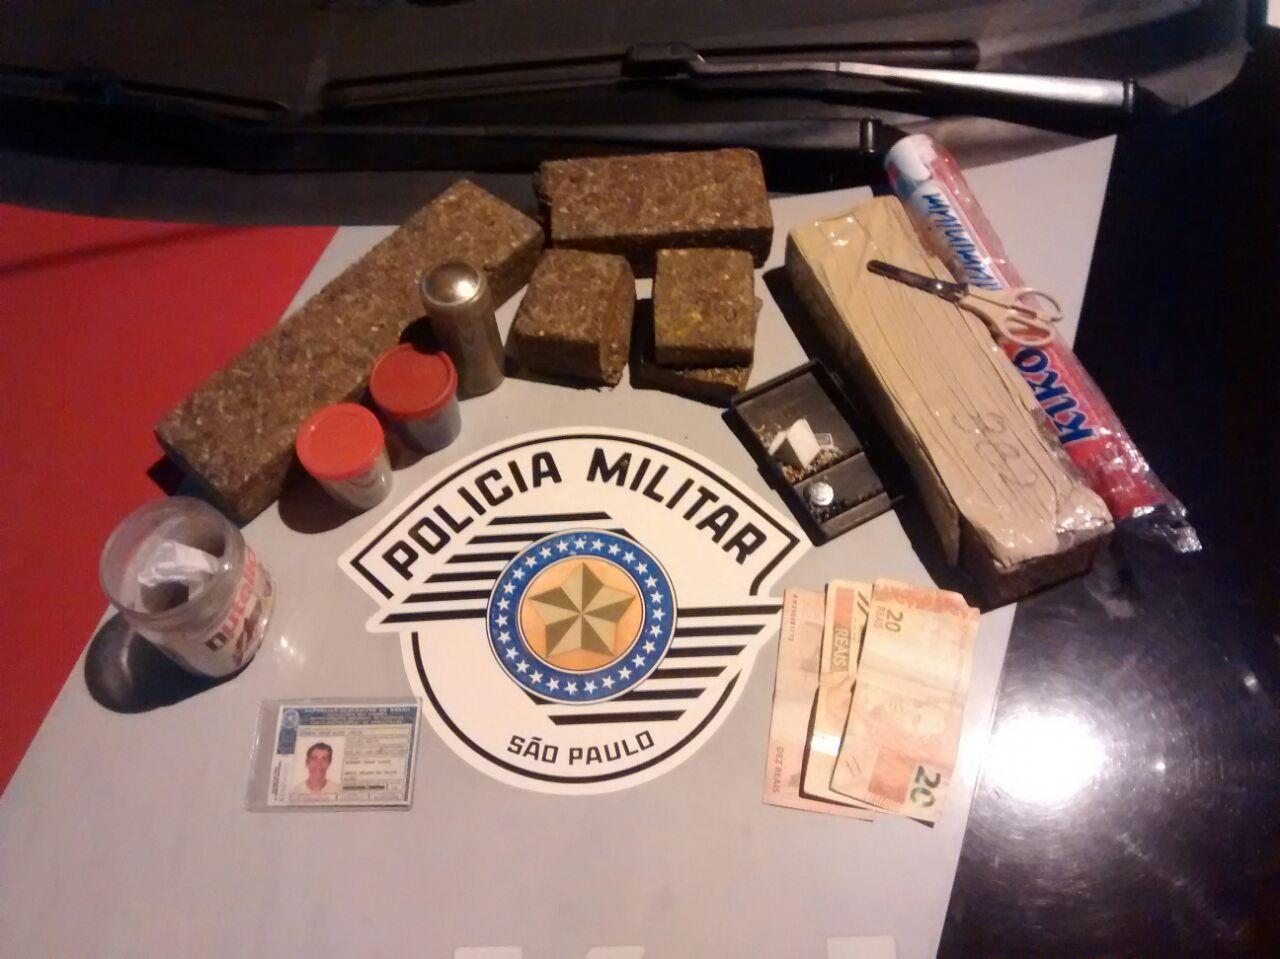 Material apreendido em operação de combate ao tráfico de drogas da Policia Militar, na Vila Normandia (Foto: Divulgação PM)